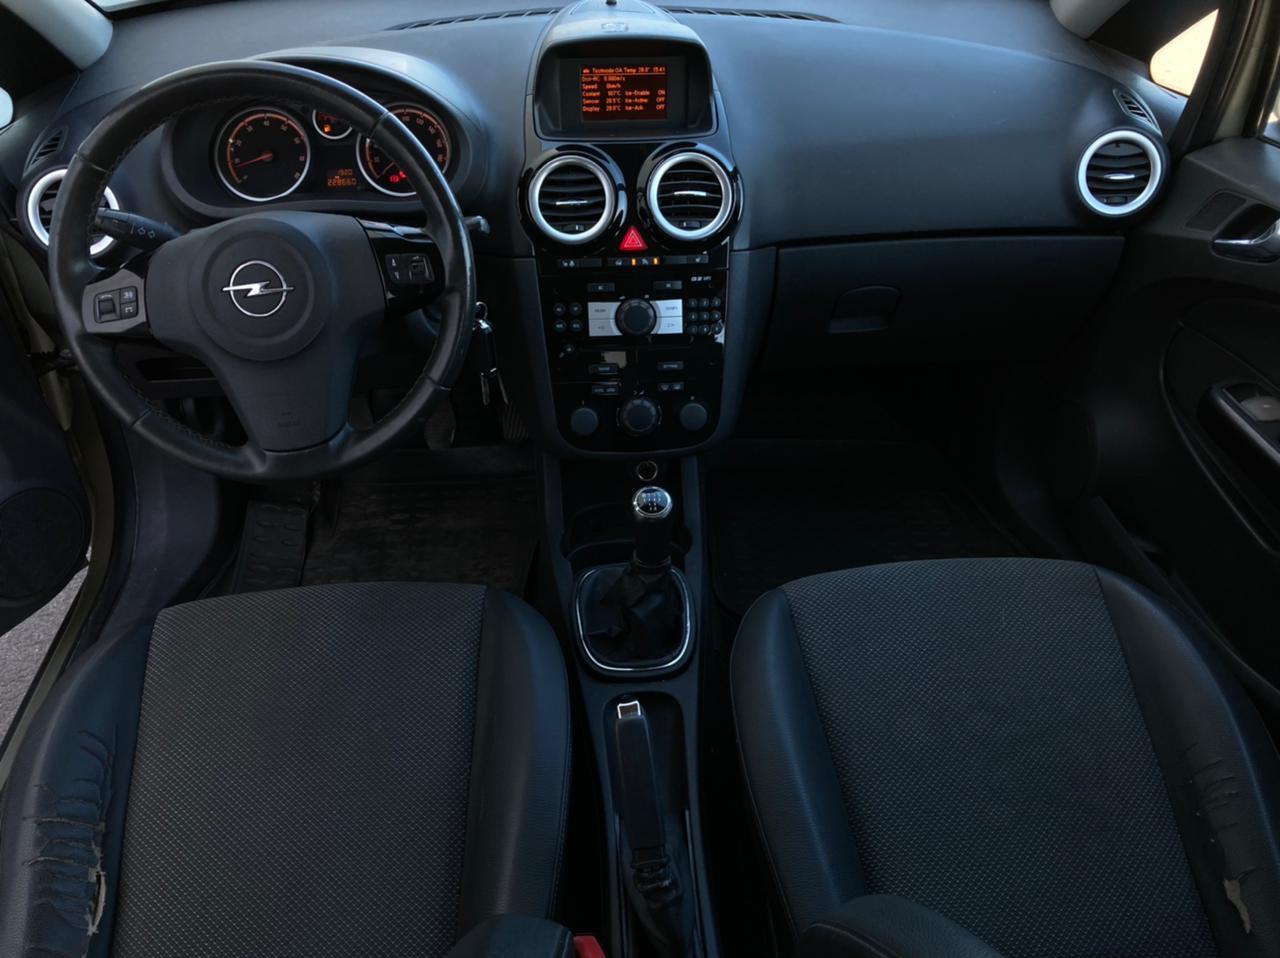 Opel Corsa Хэтчбек (2010г.)